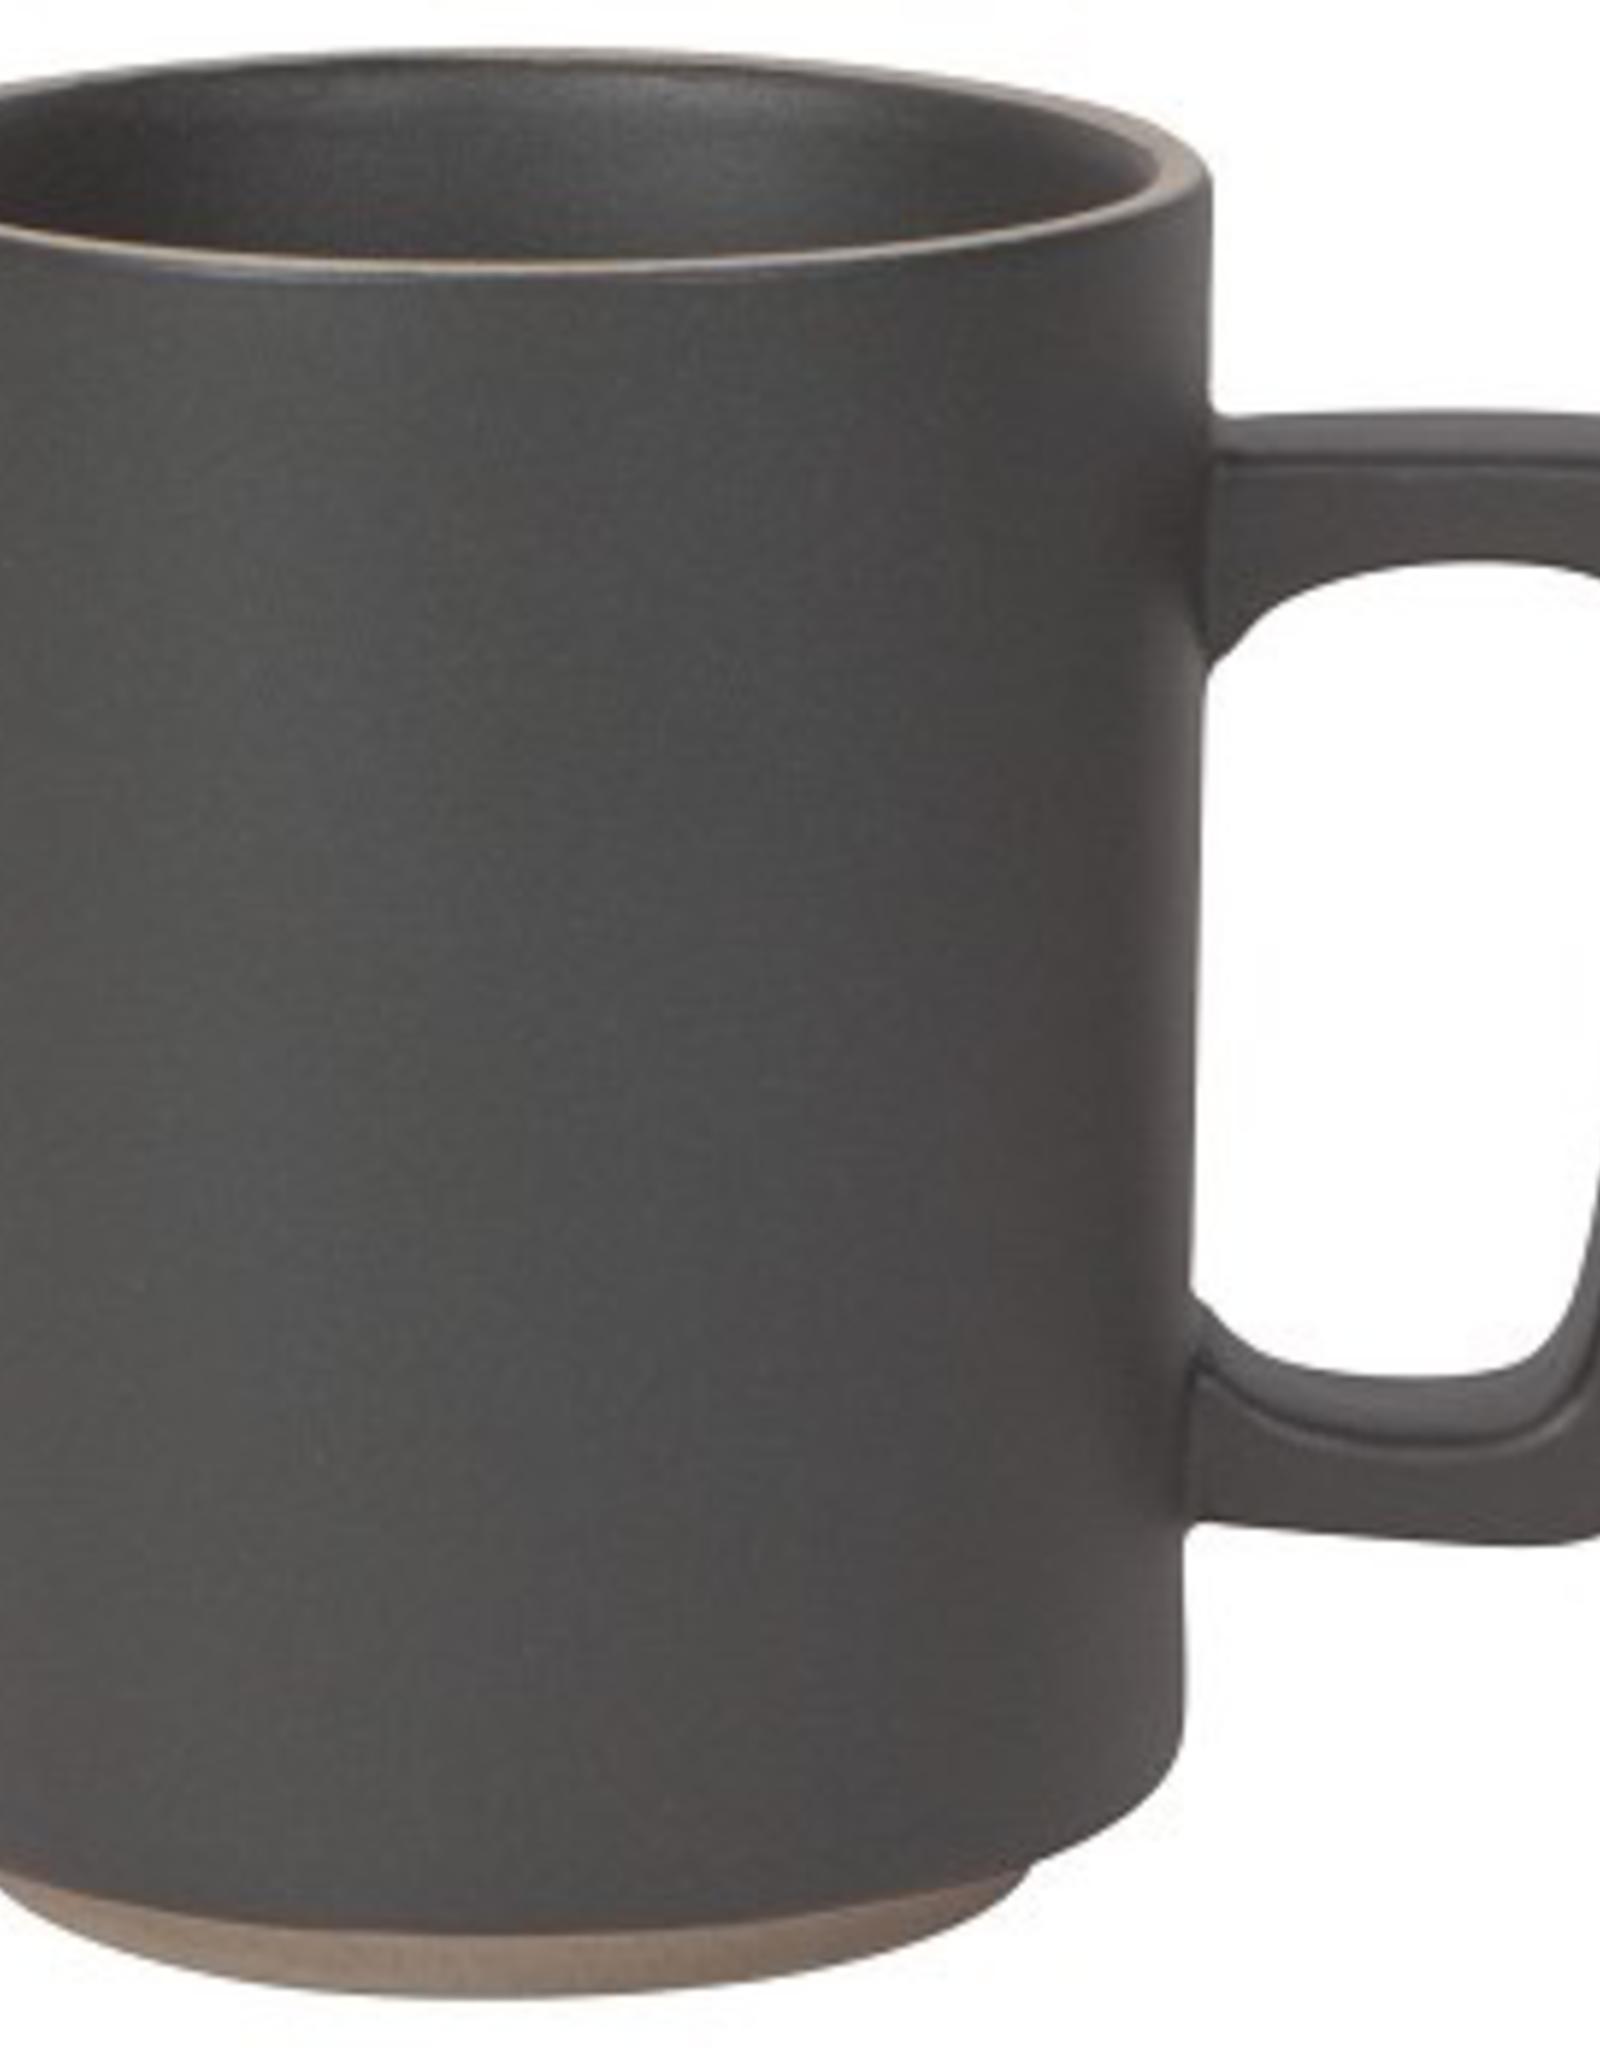 Danica Danica Contour Tall Matte Black Mug